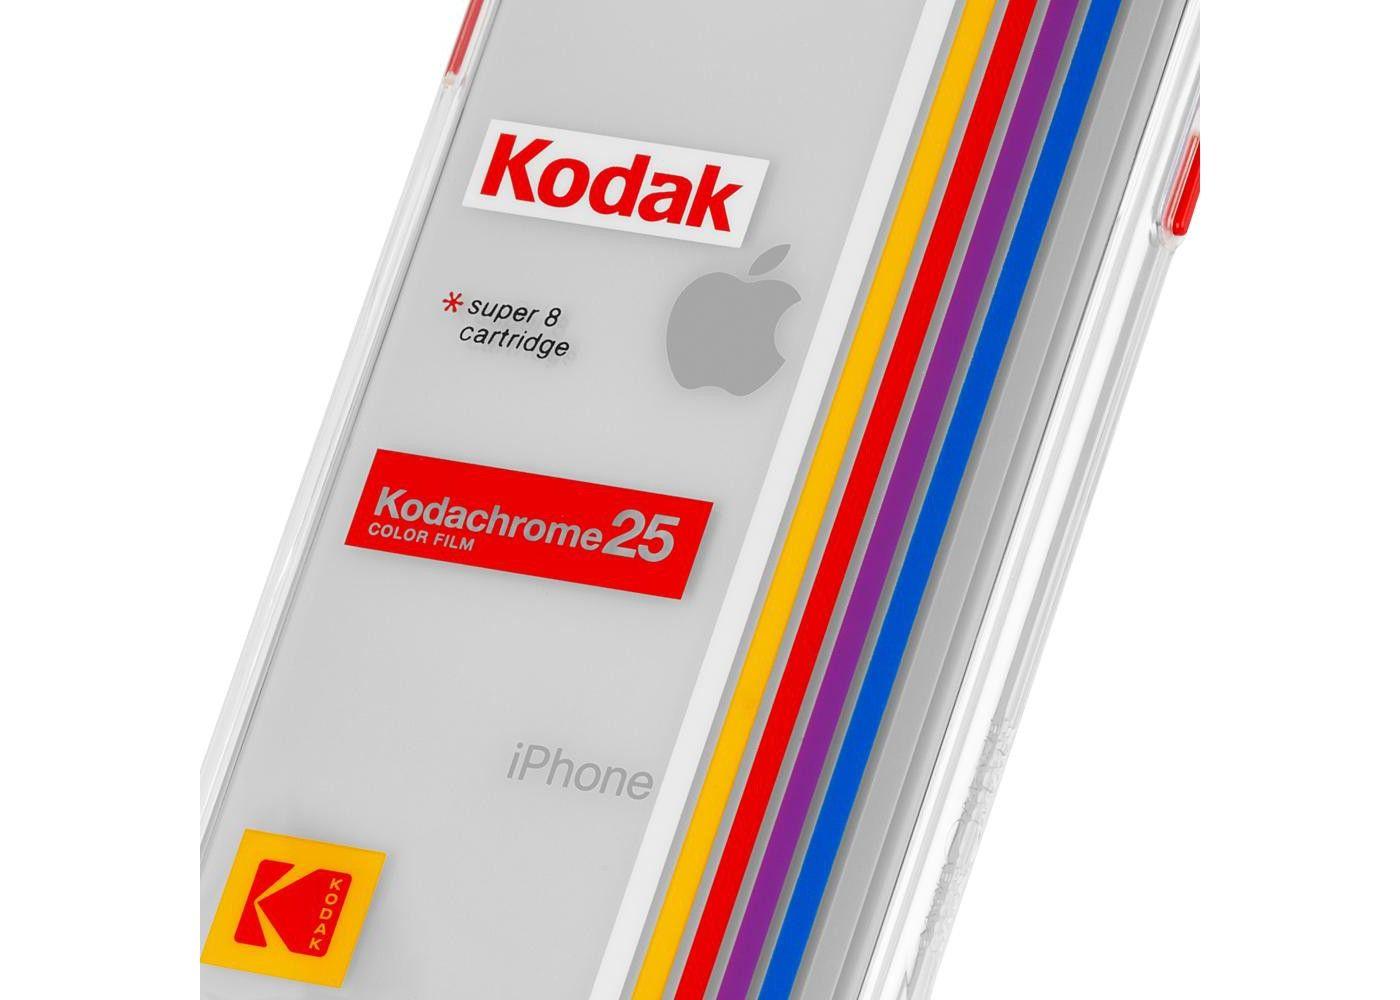 Casemate iphone 11 pro max case kodachrome super 8 case